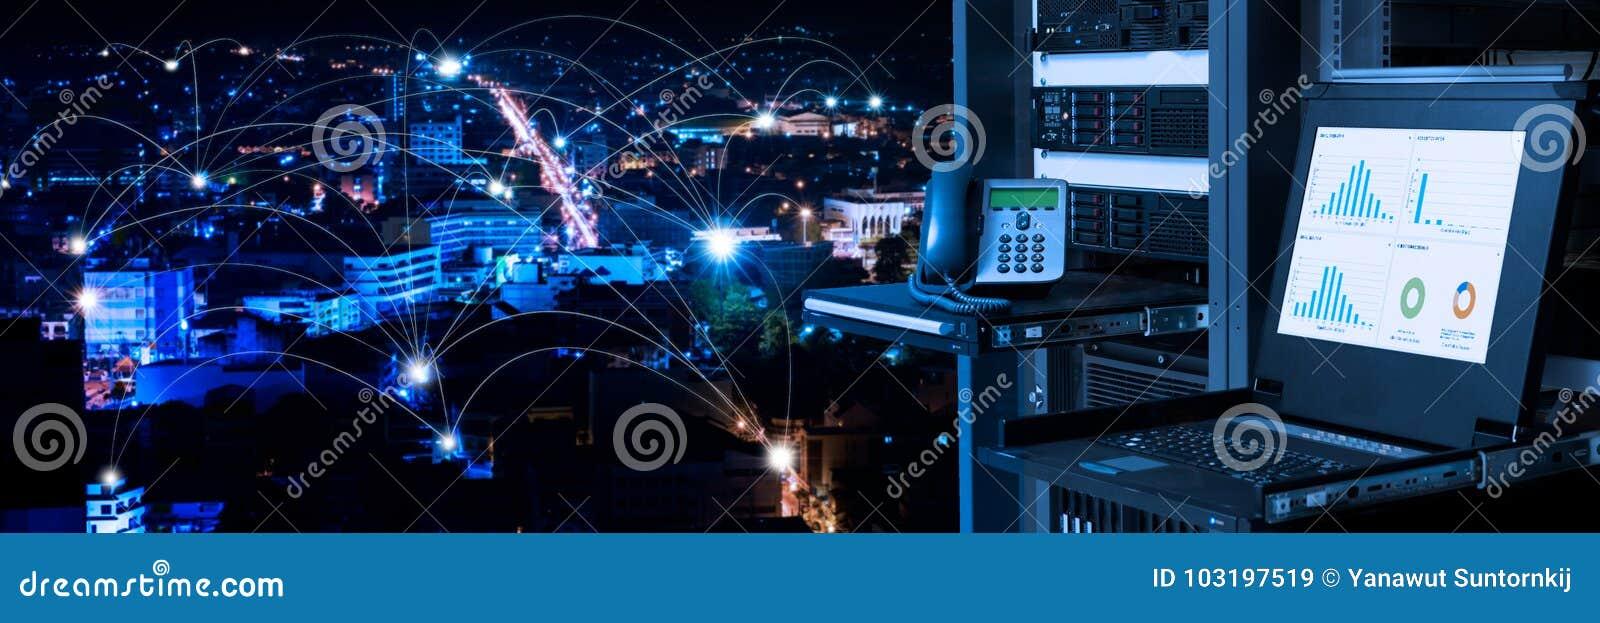 Ledning och övervakning övervakar i datorhall, och uppkopplingsmöjlighet fodrar över nattstadsbakgrund